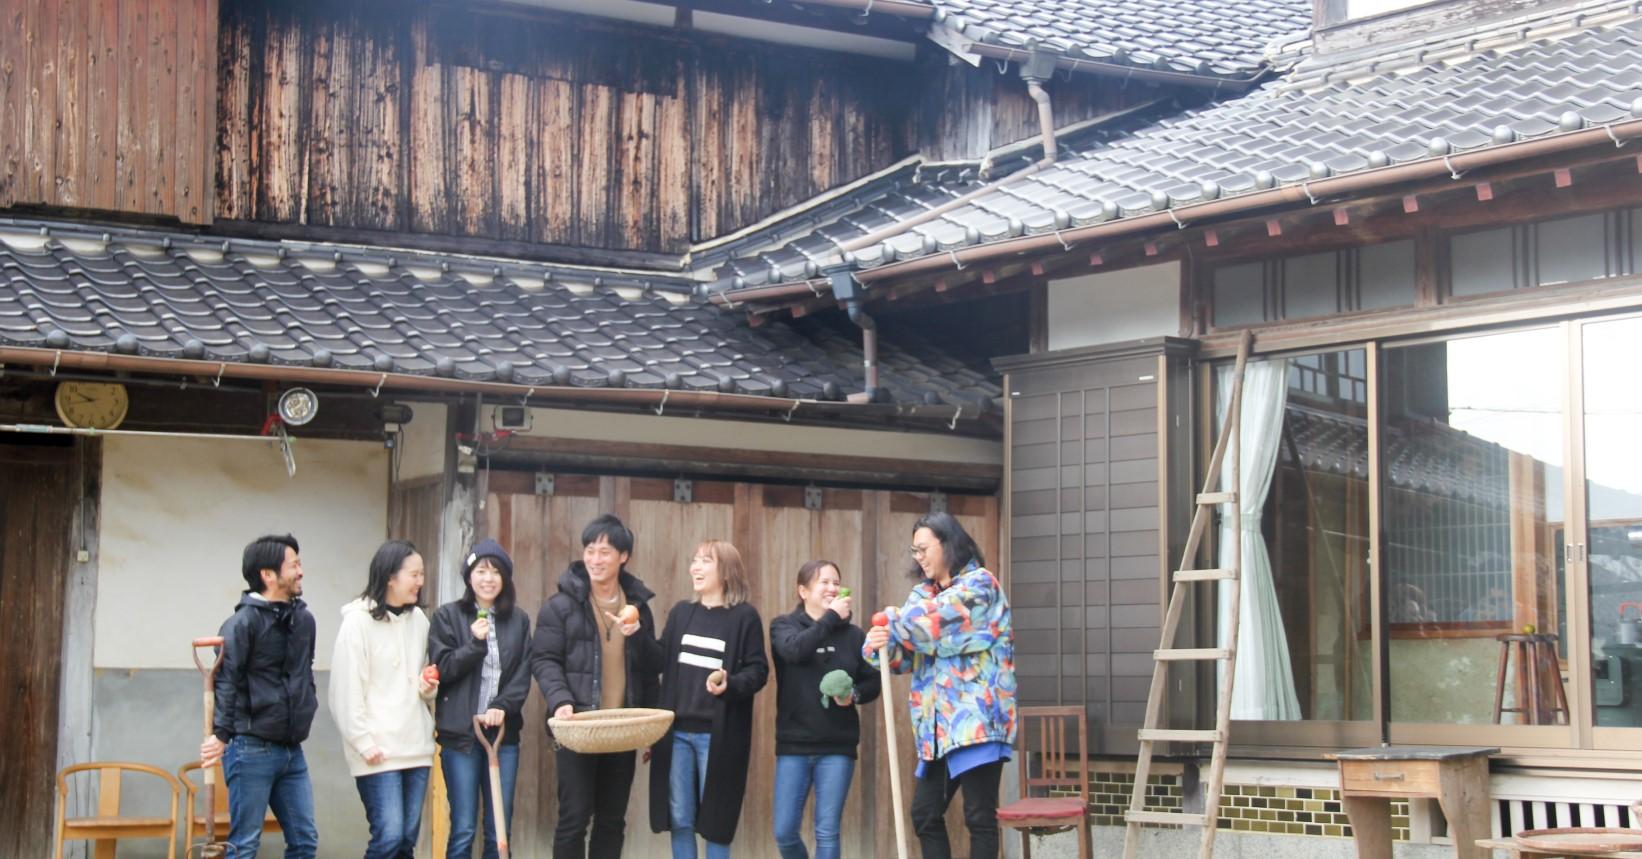 佐賀県唐津市の暮らしを体験できるシェアハウス根の家ROOTHAUS